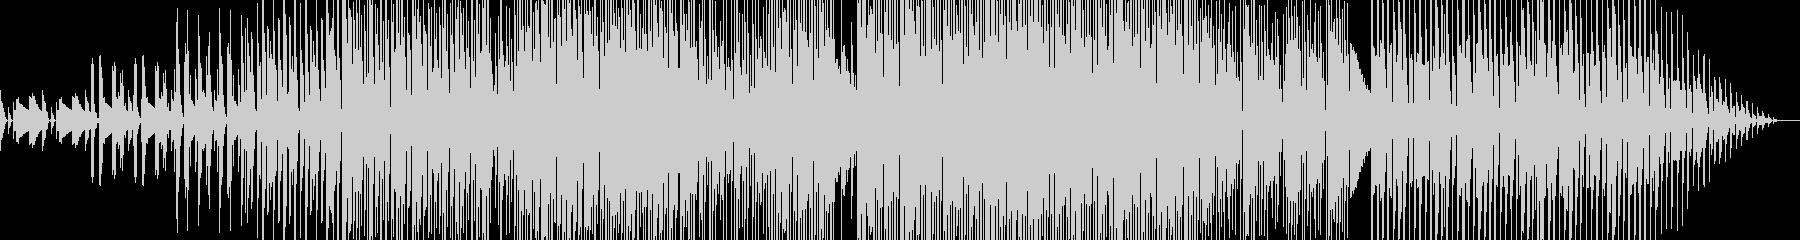 ラウンジ感のあるBGMの未再生の波形